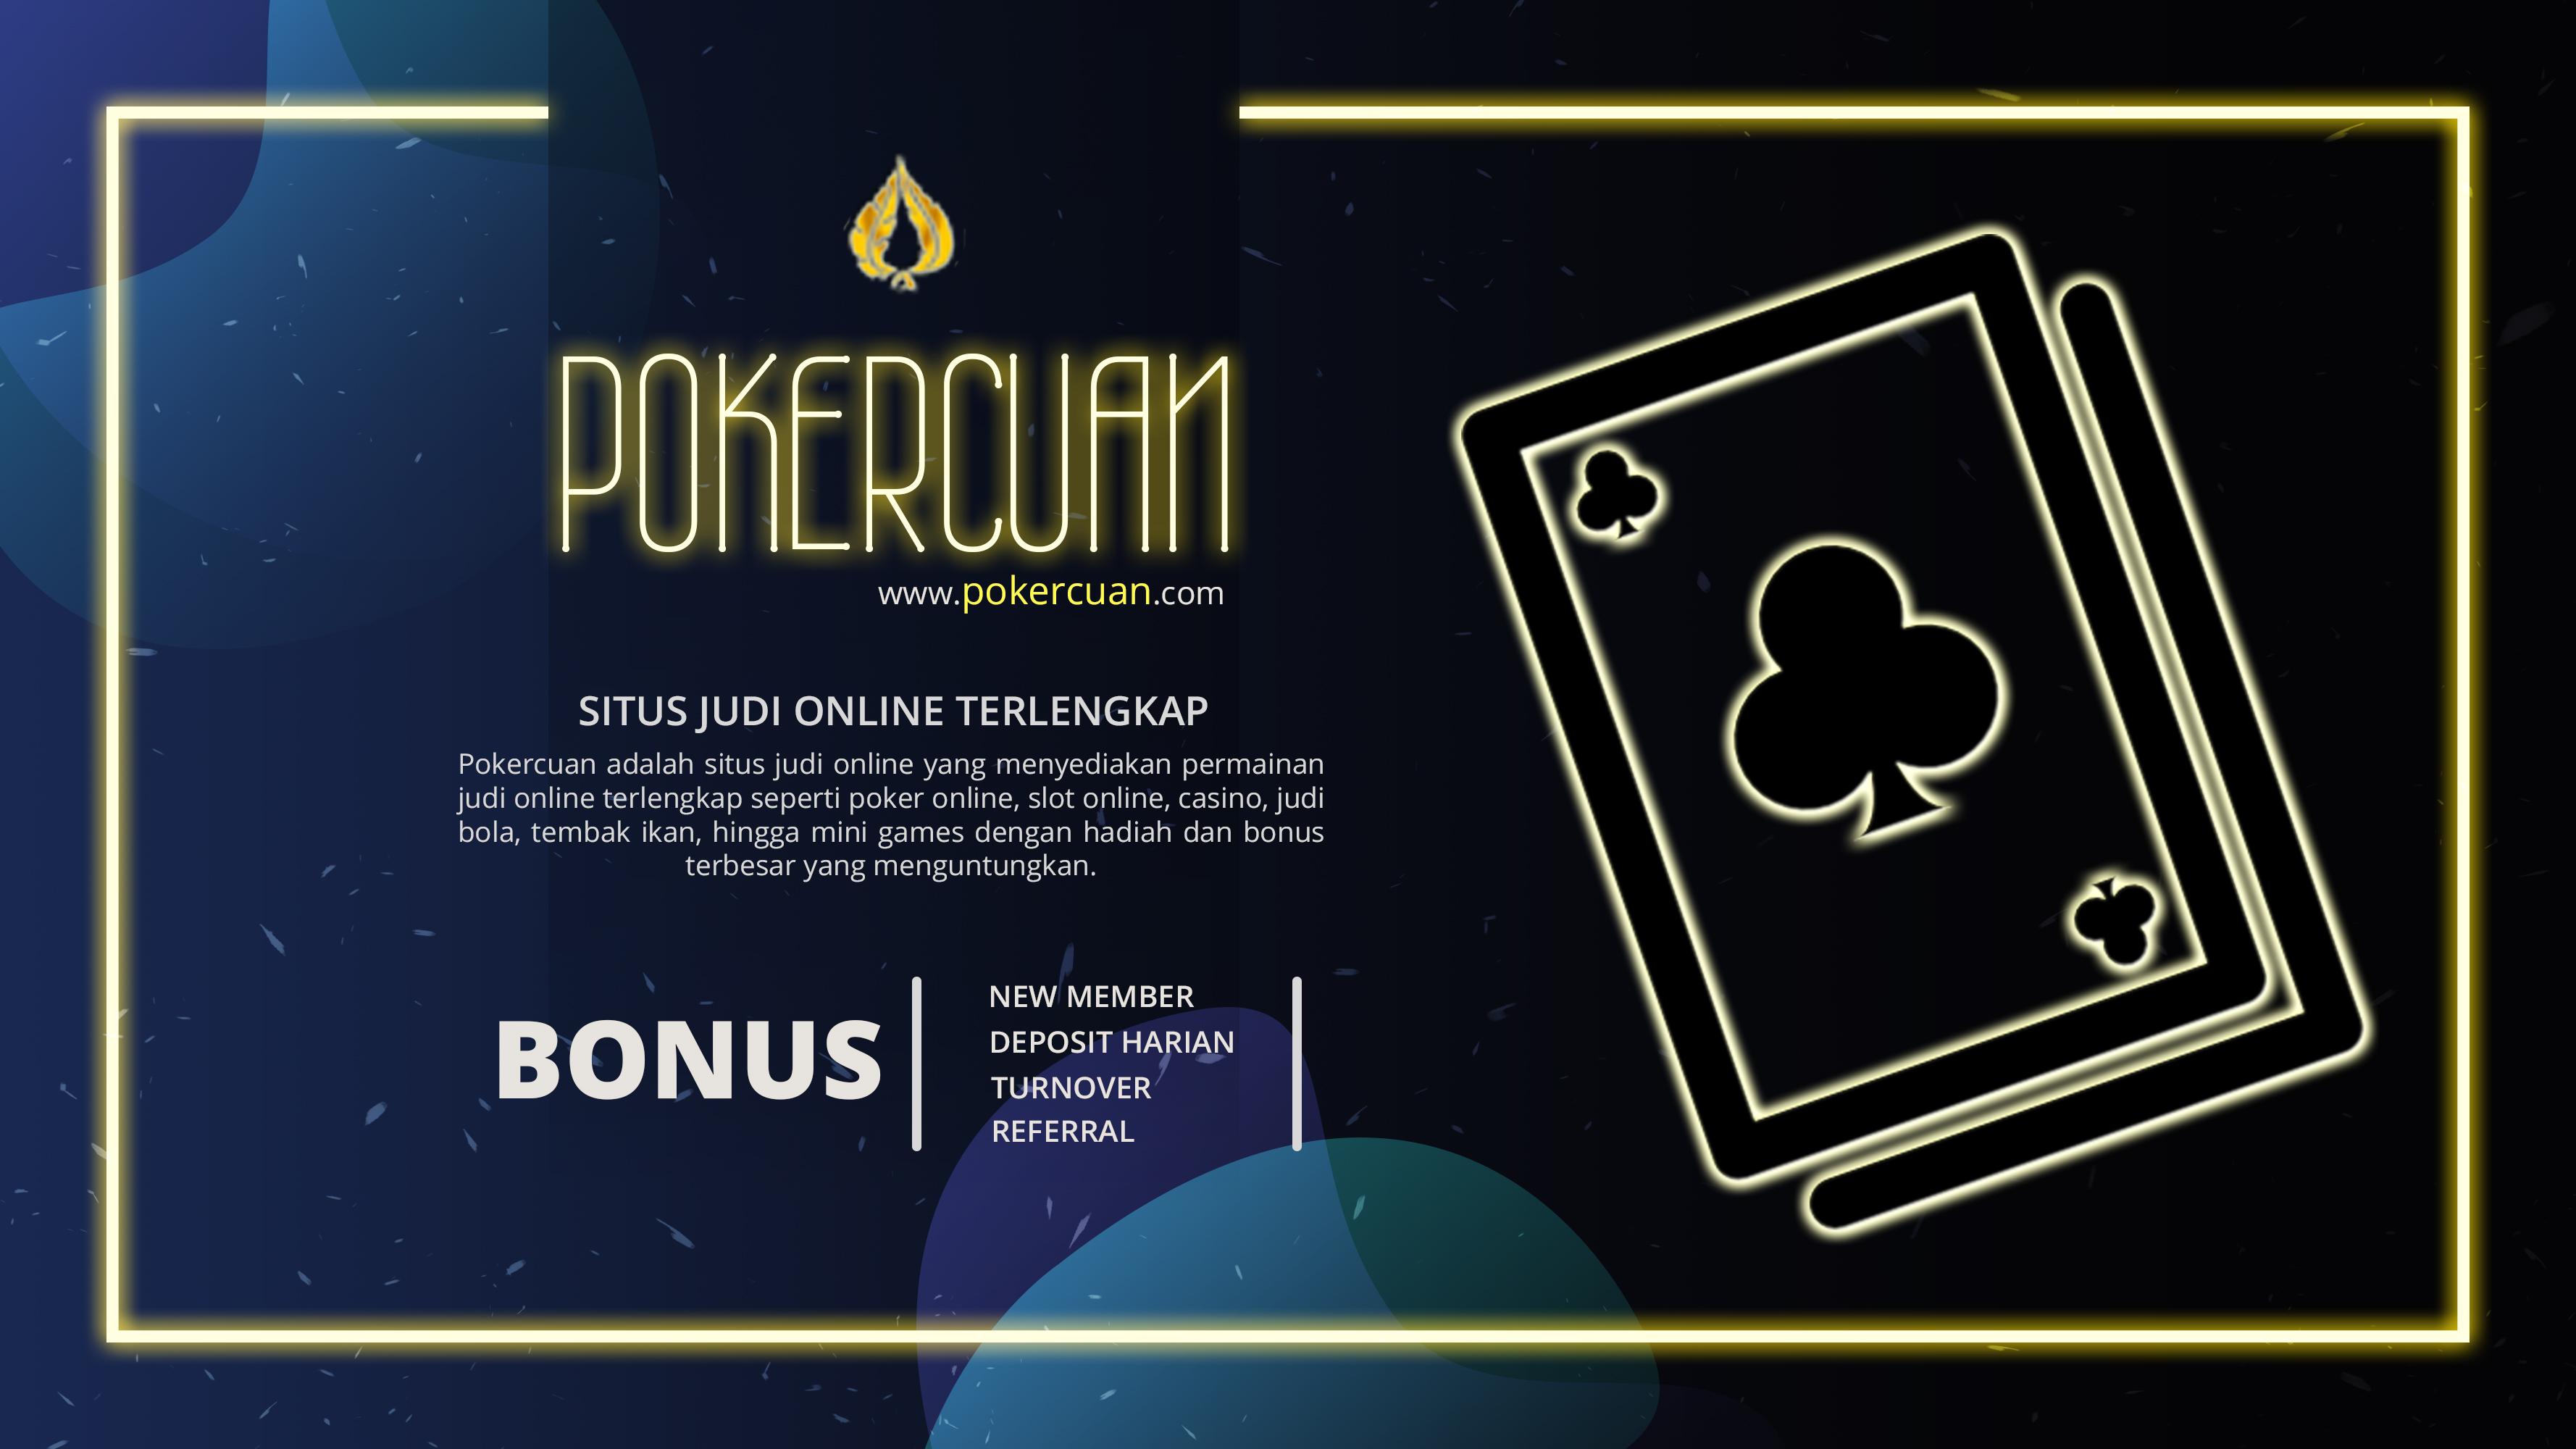 pokercuan